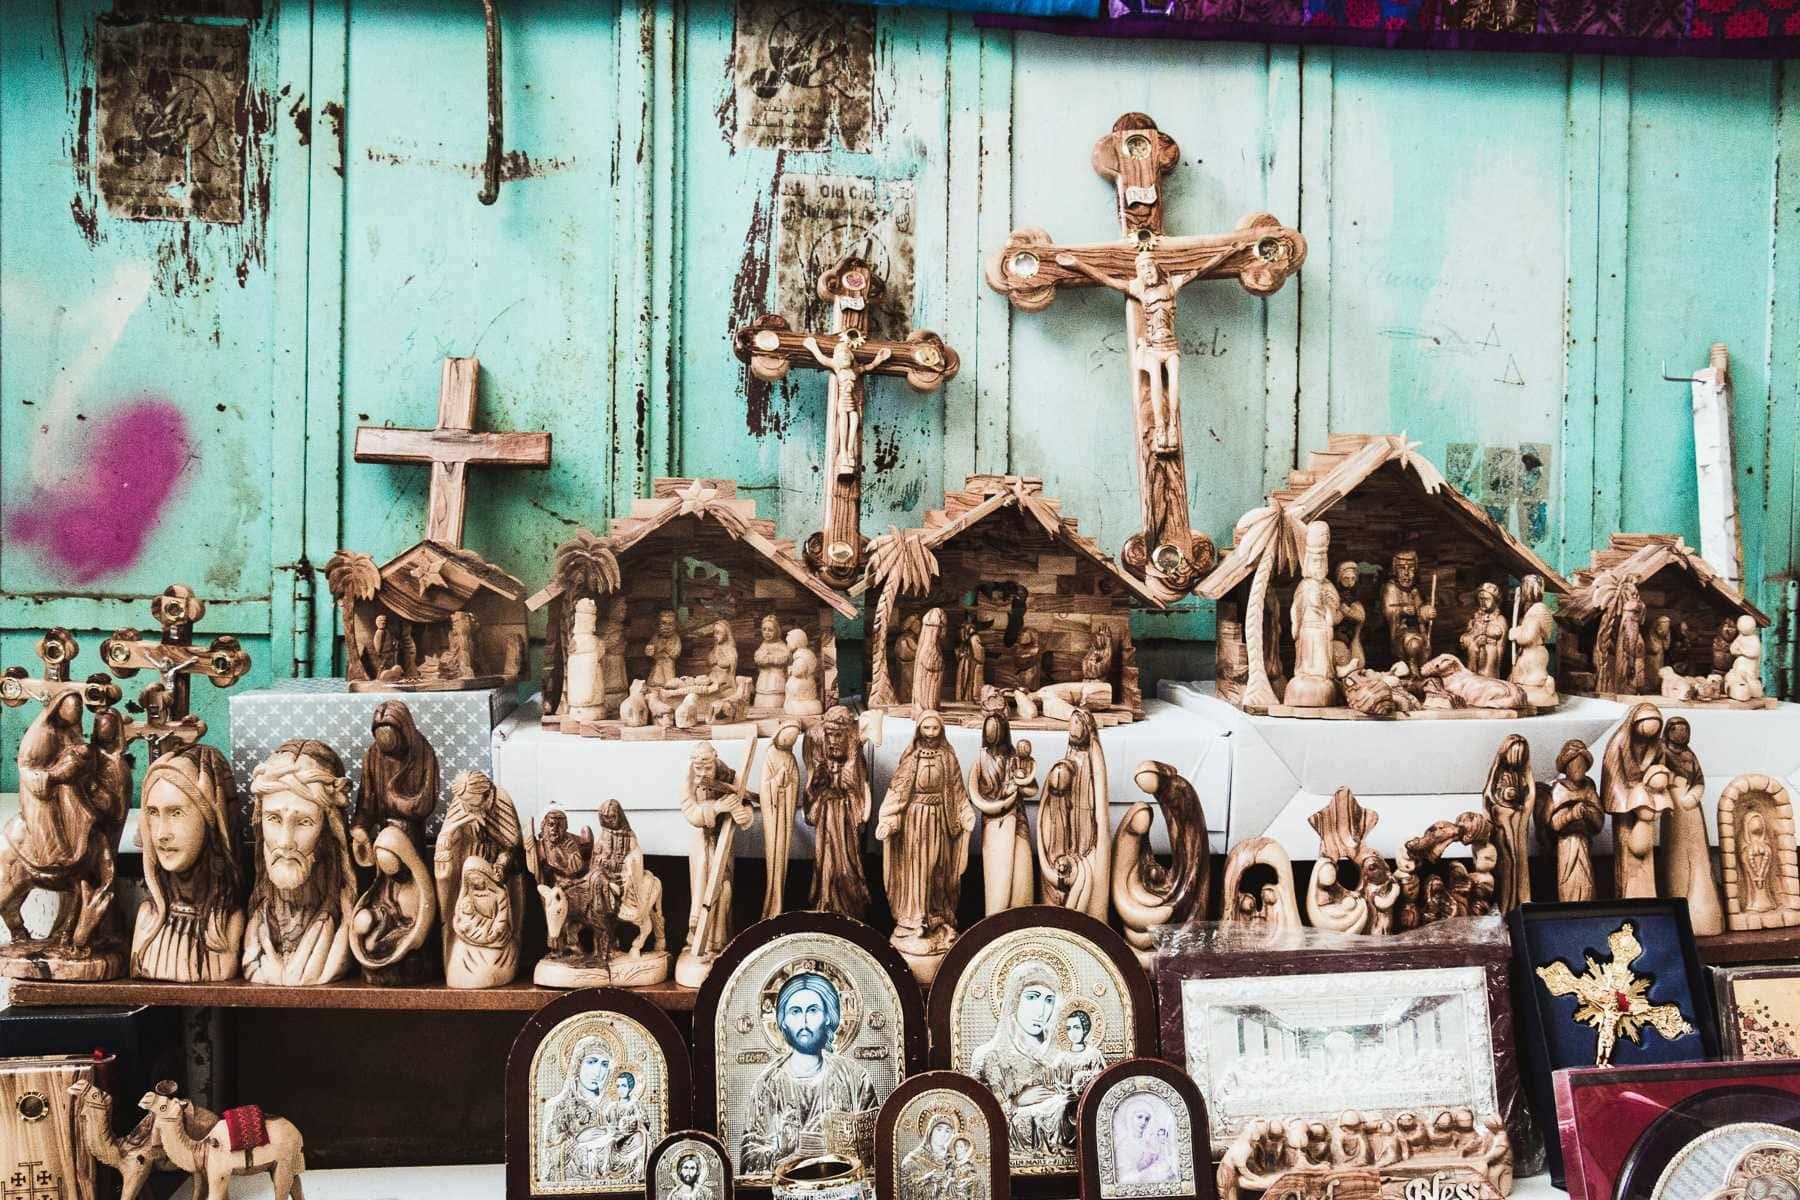 Kruzifixe Krippen Heiligenbilder Jerusalem